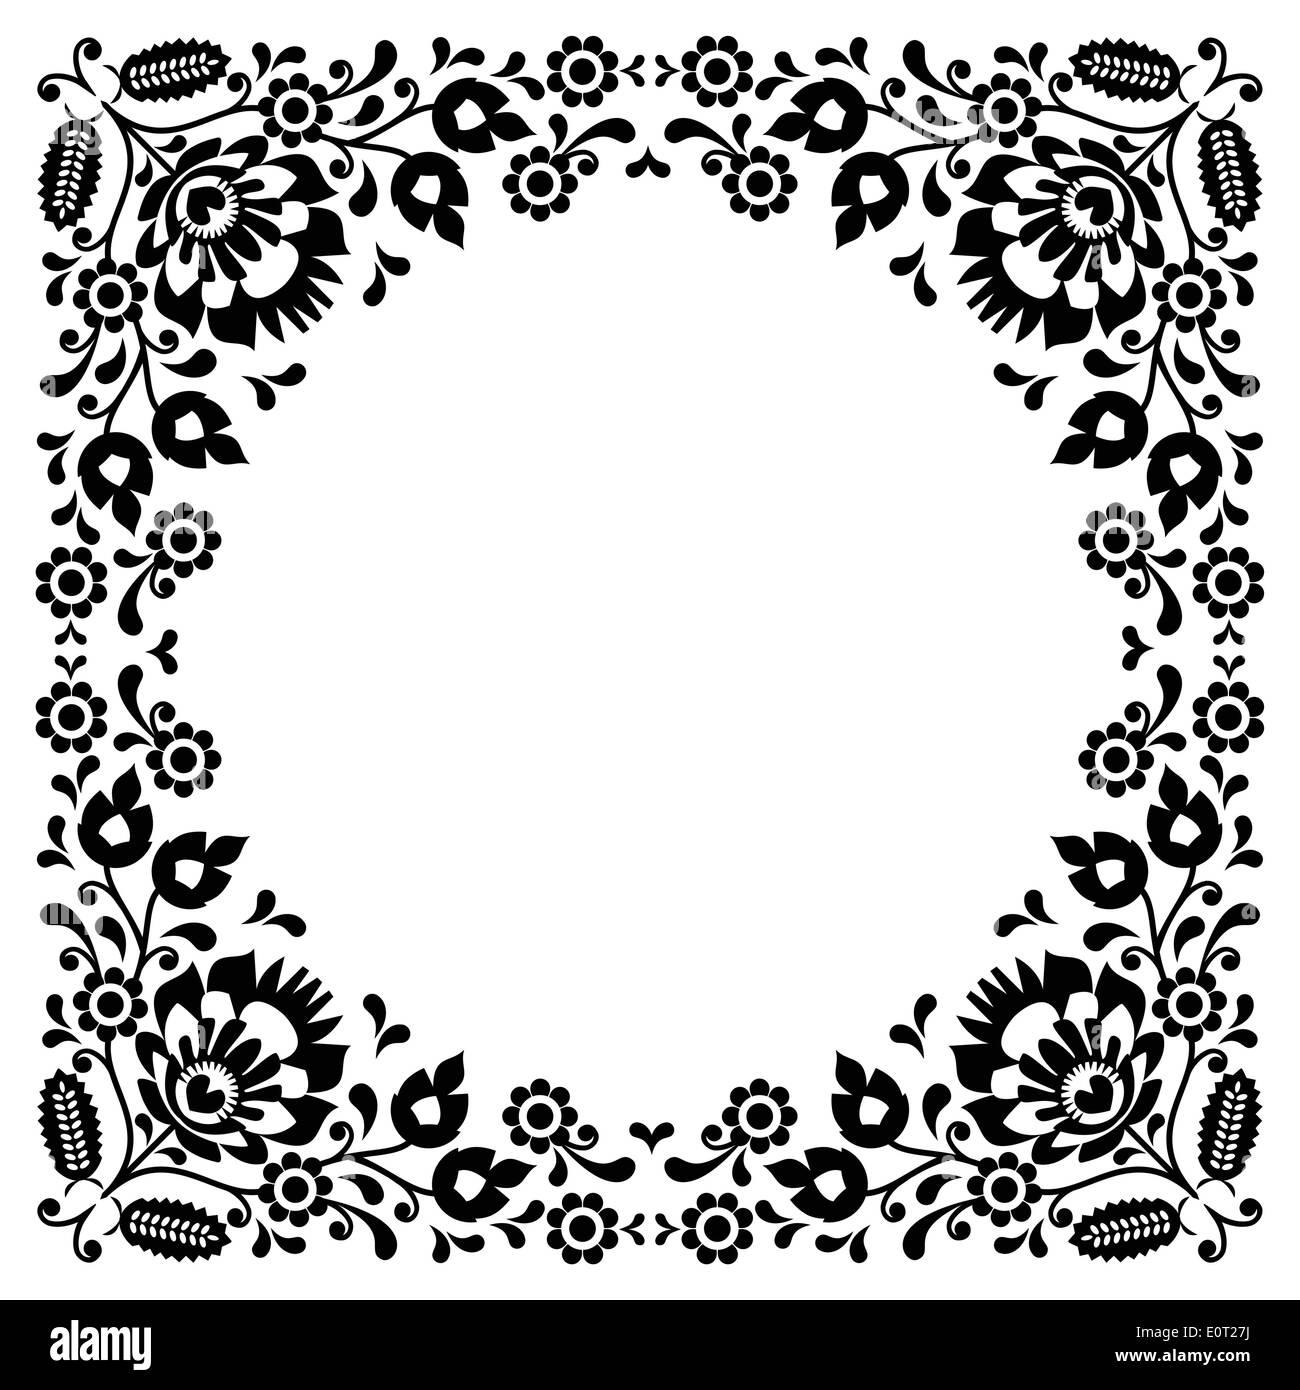 Black Embroidery Imágenes De Stock & Black Embroidery Fotos De Stock ...